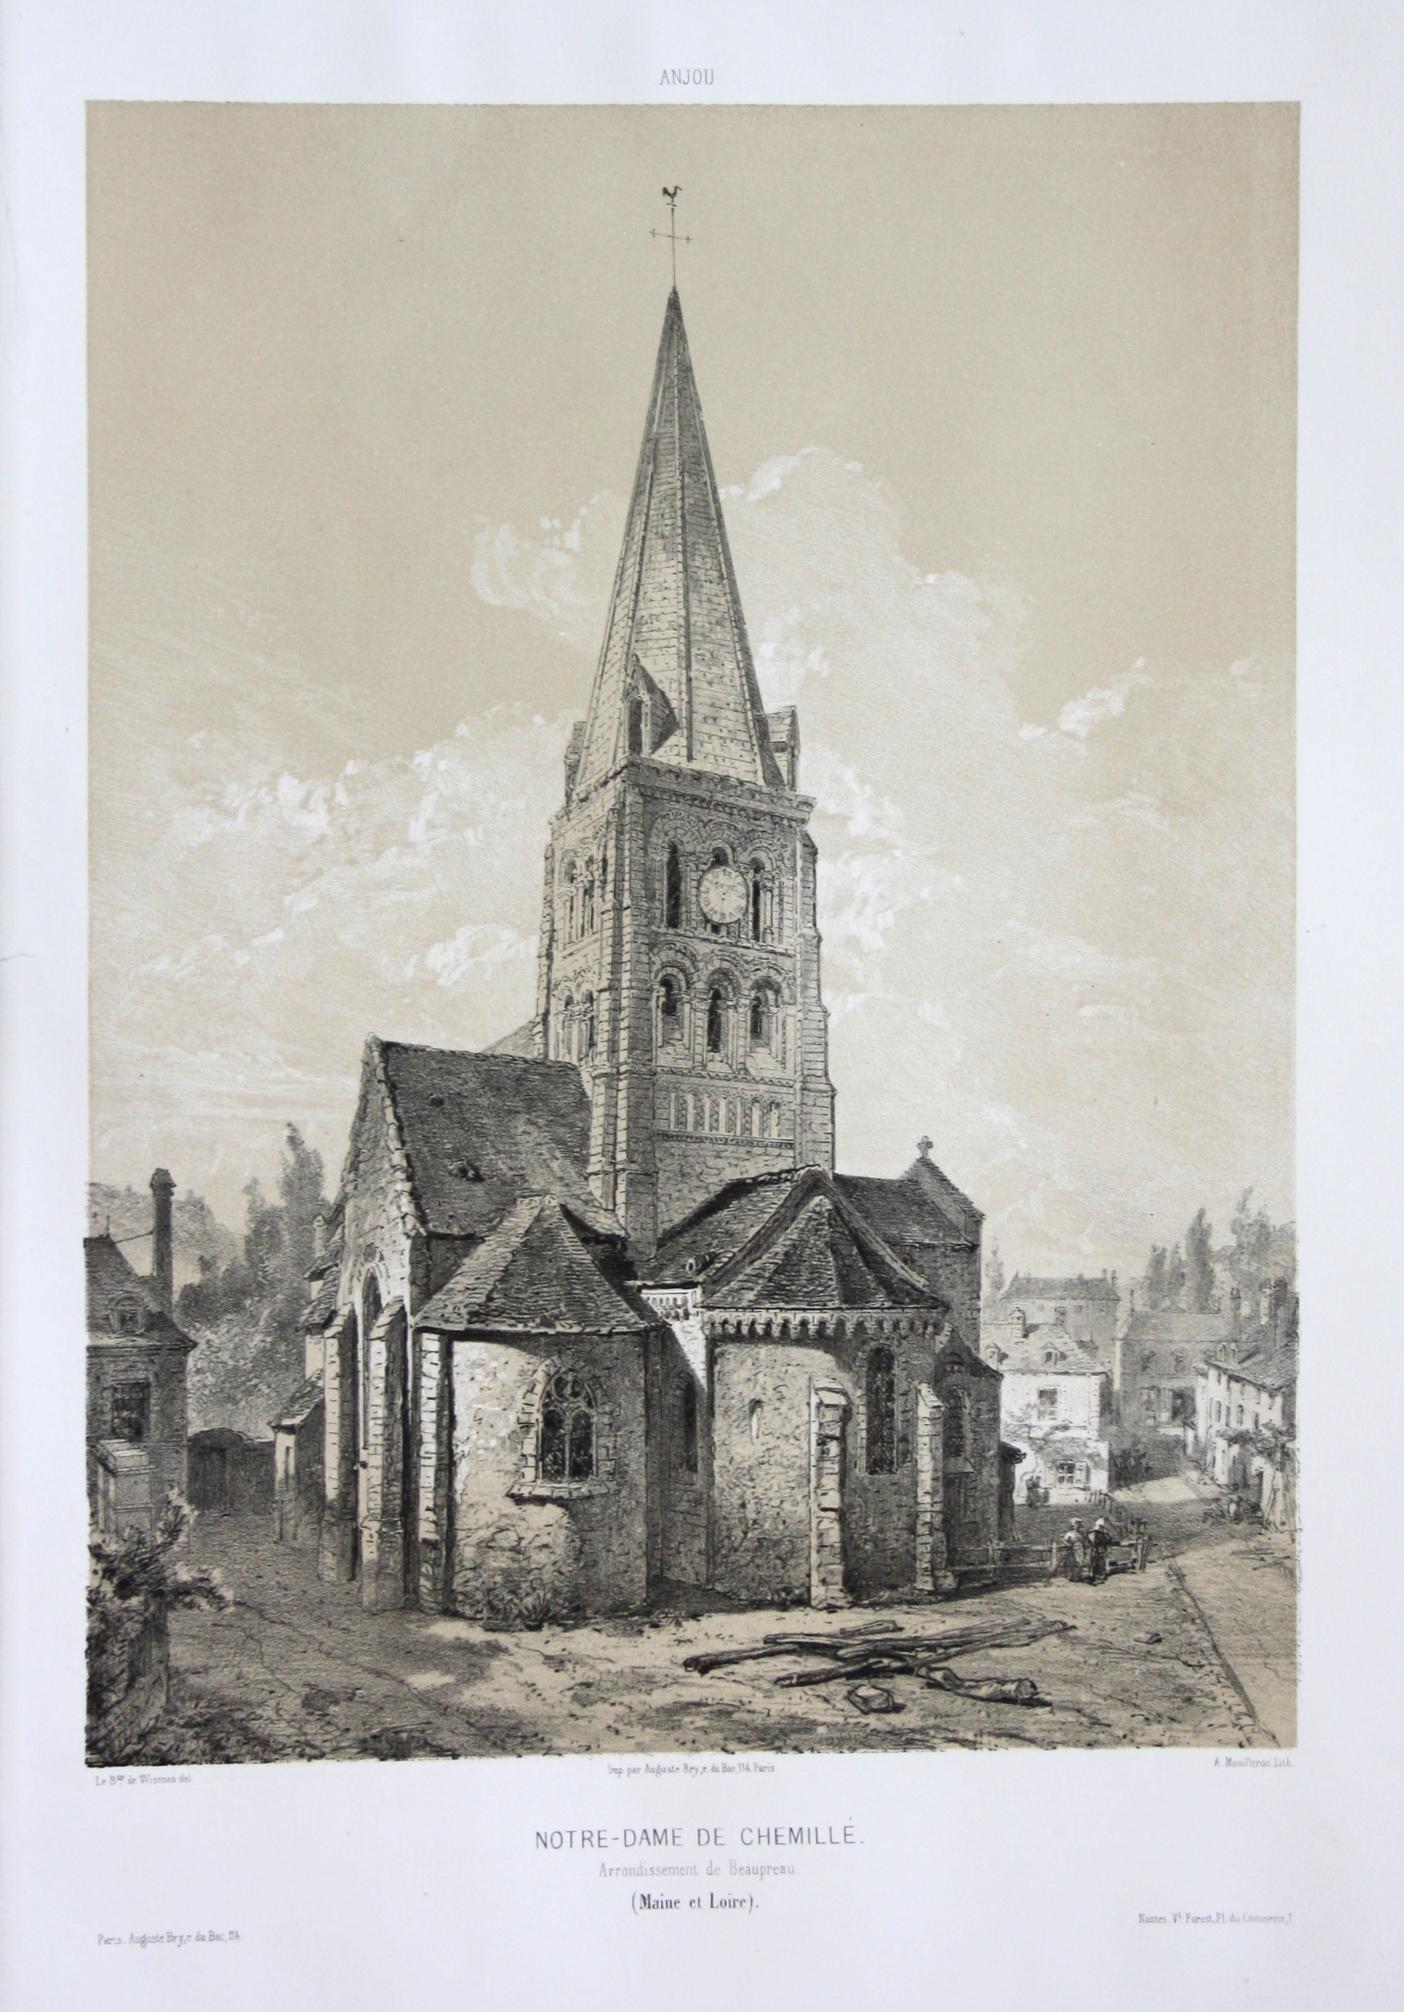 Notre-Dame de Chemille / Arrond. Beaupreau /: Wismes, Olivier de